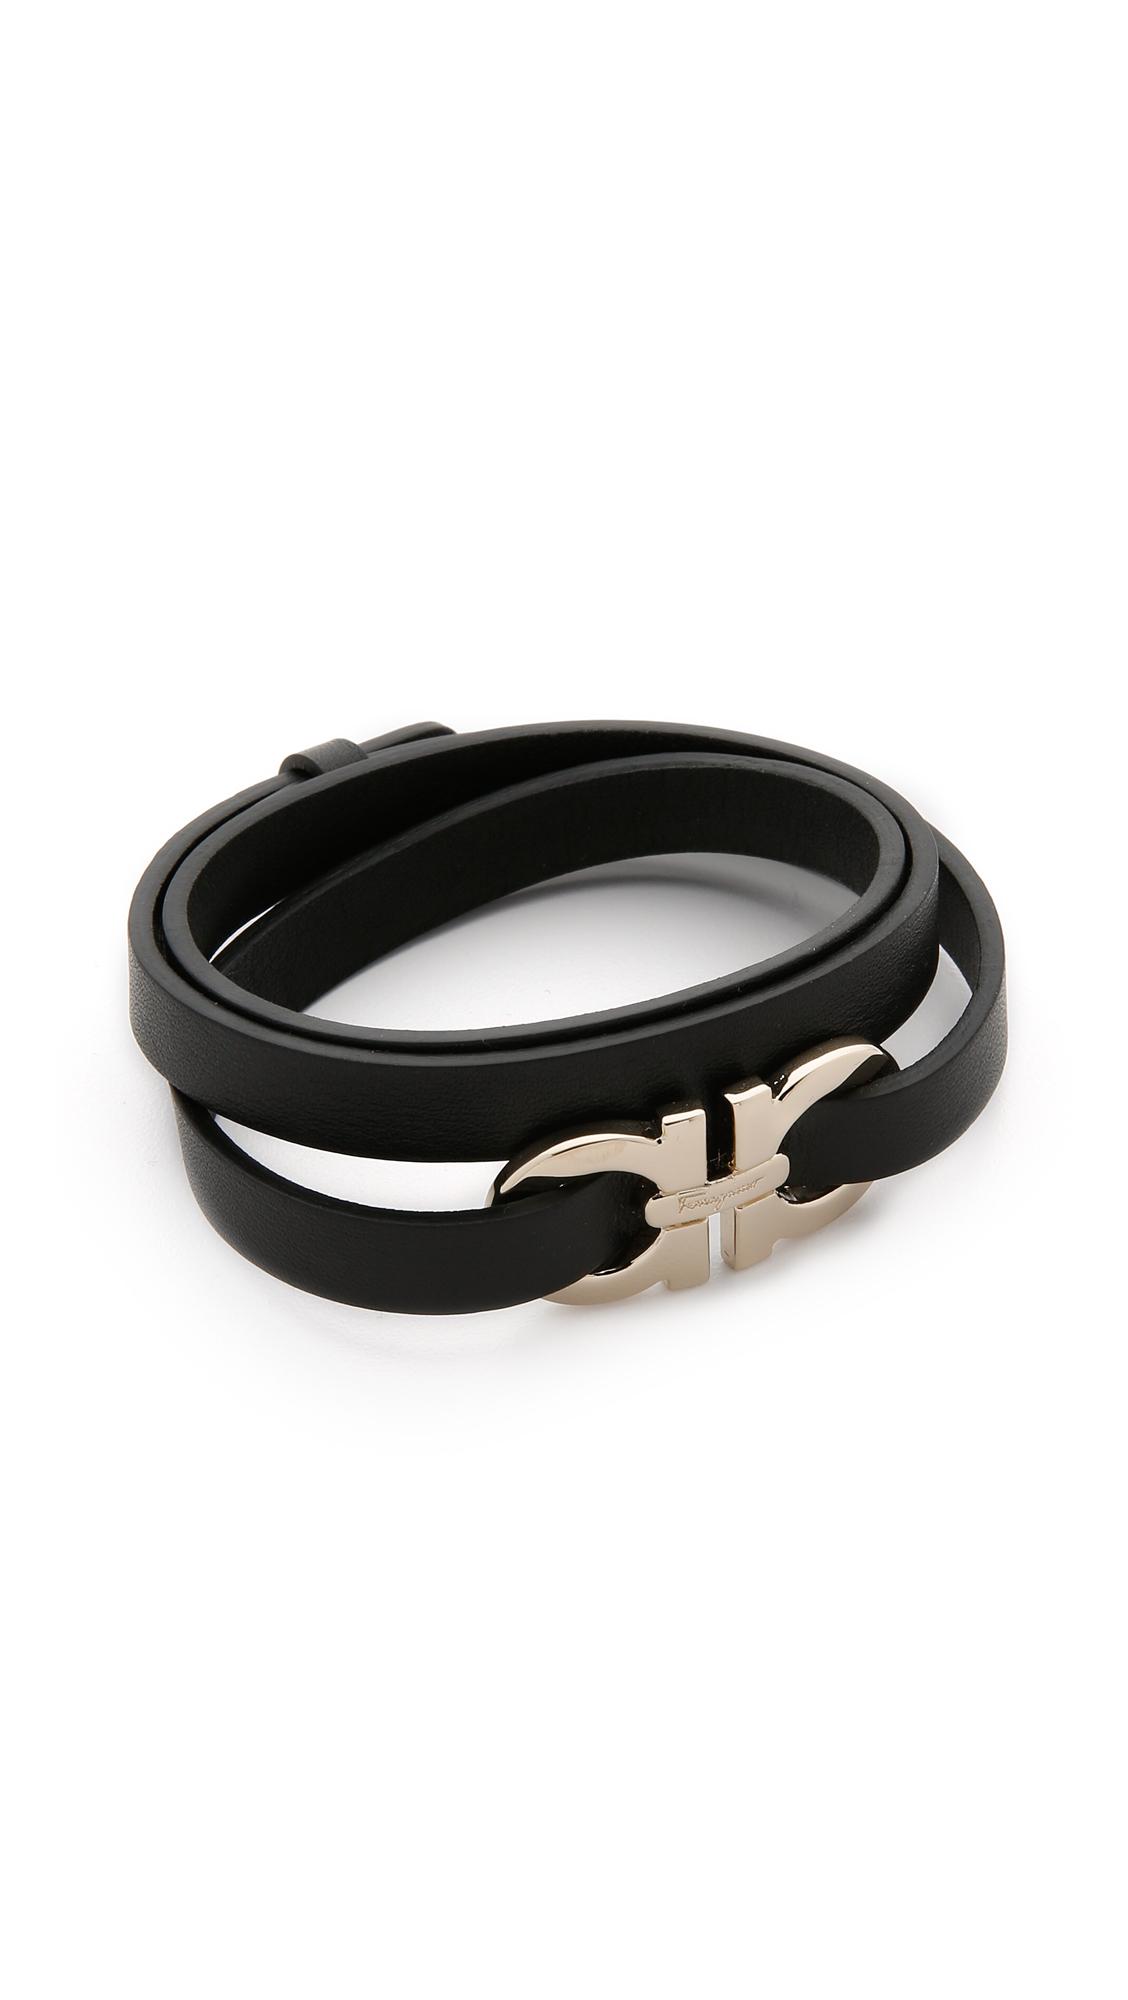 miglior sito web b5090 f9e61 Ferragamo Black Bracciali Gancio Wrap Bracelet - Nero